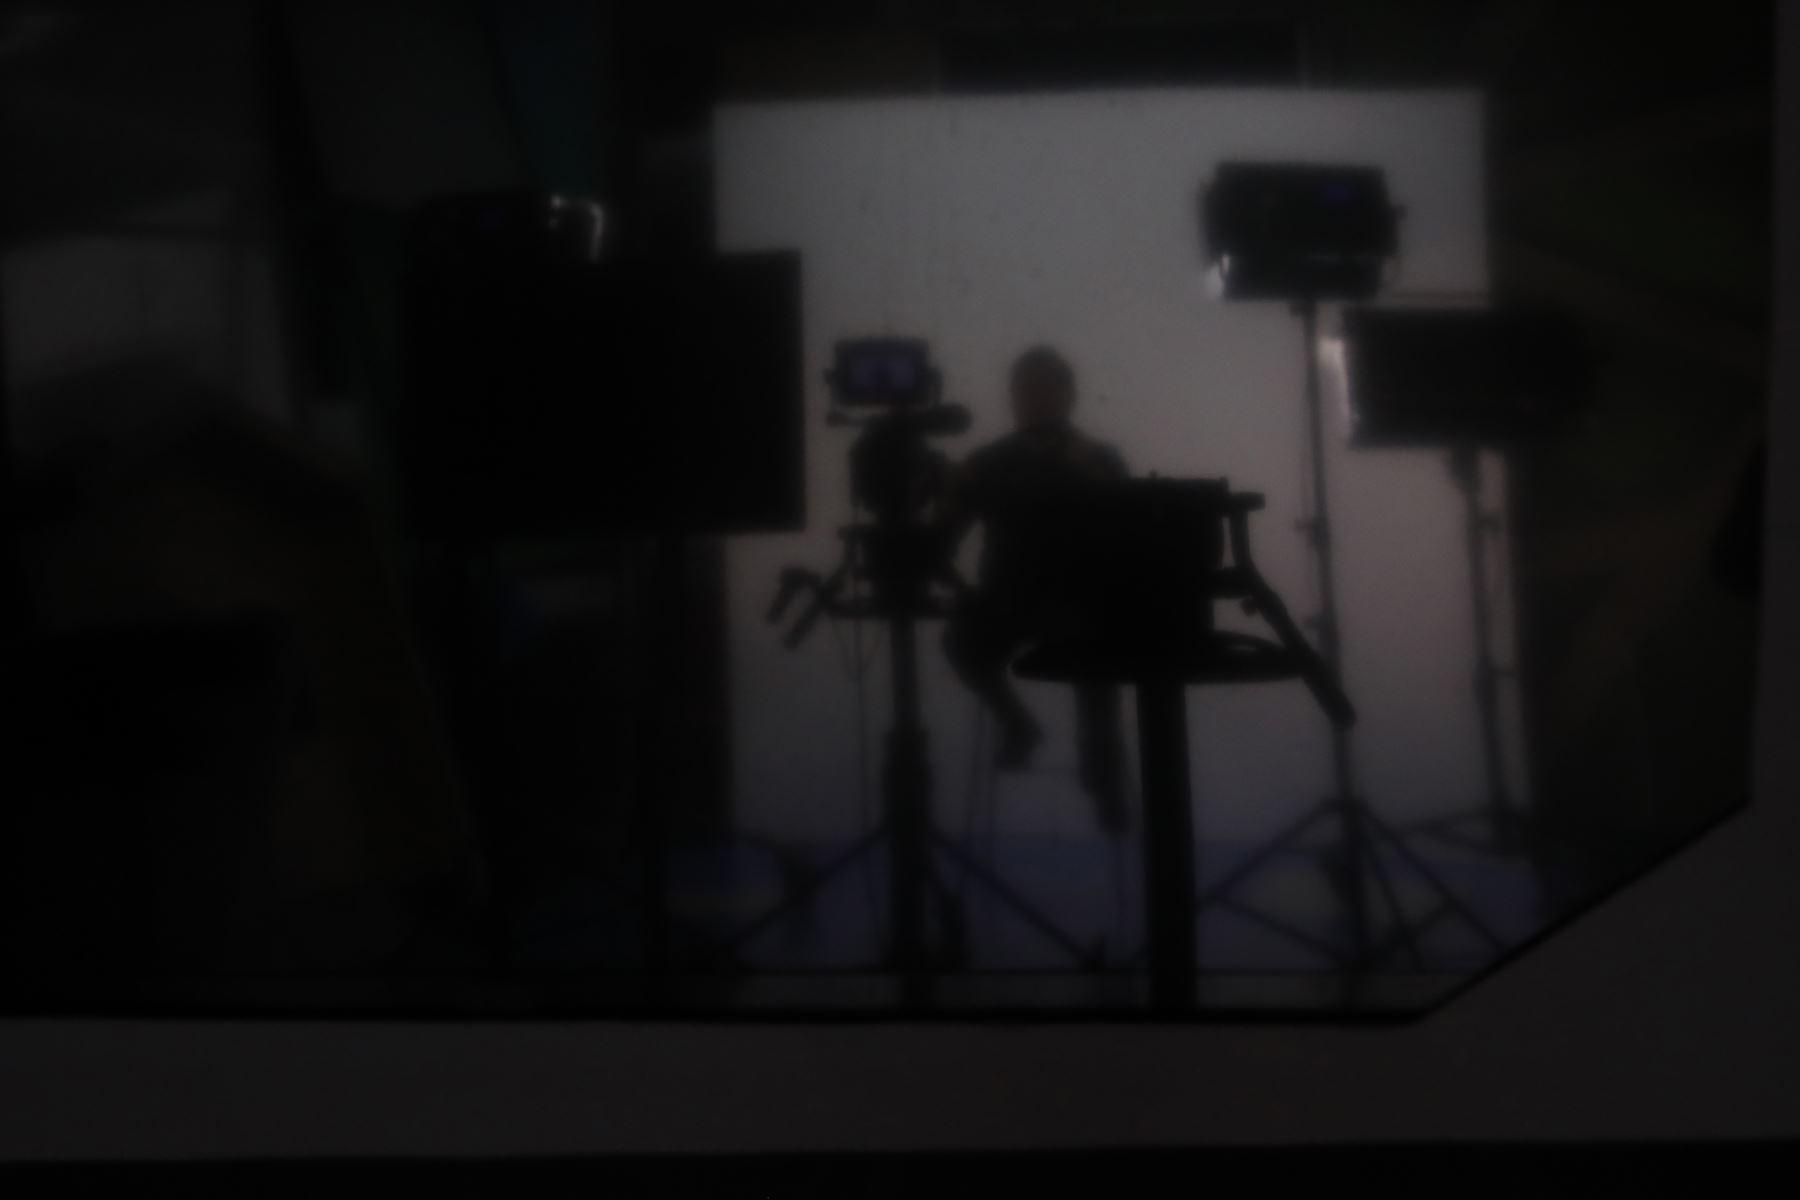 Moisés Piscoya trabaja en un pequeño set de grabación que habilitó TV Perú. Foto: ANDINA/Presidencia/Renato Pajuelo